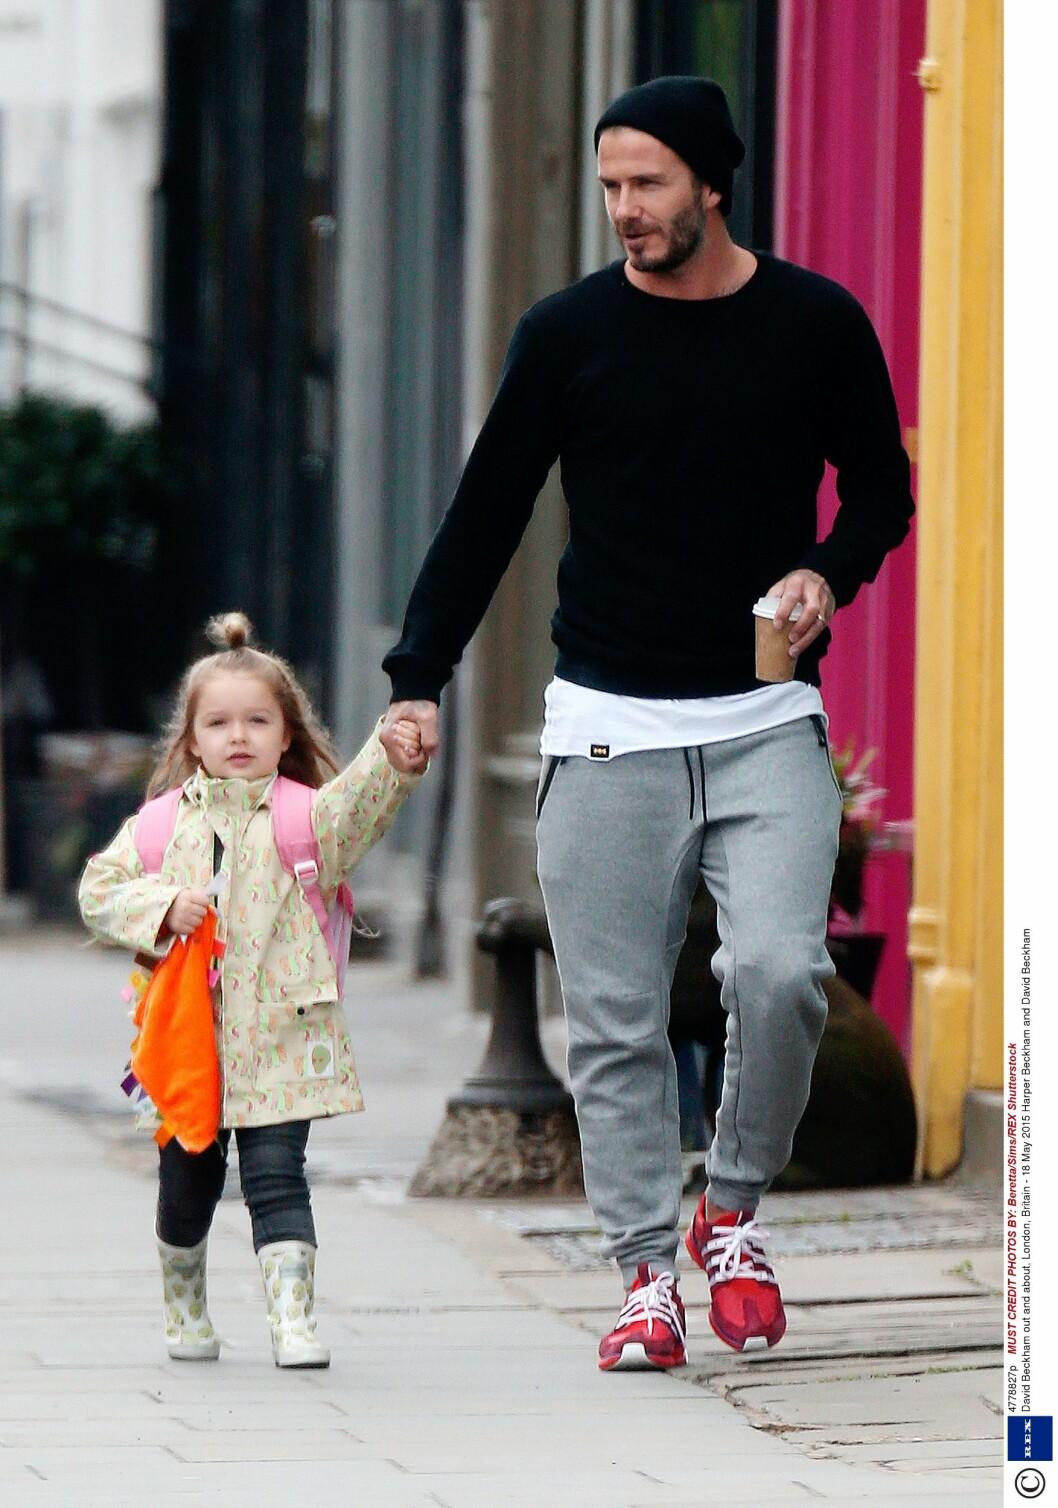 PAPPAS JENTE: Det er ingen tvil om at David Beckham forguder sin eneste datter - men den flotte firebarnsfaren burde kanskje tenkt en ekstra runde over sikkerheten da han og familien var på båttur denne uken. Dette bildet er tatt av far og datter i London 18. mai.   Foto: NTB Scanpix